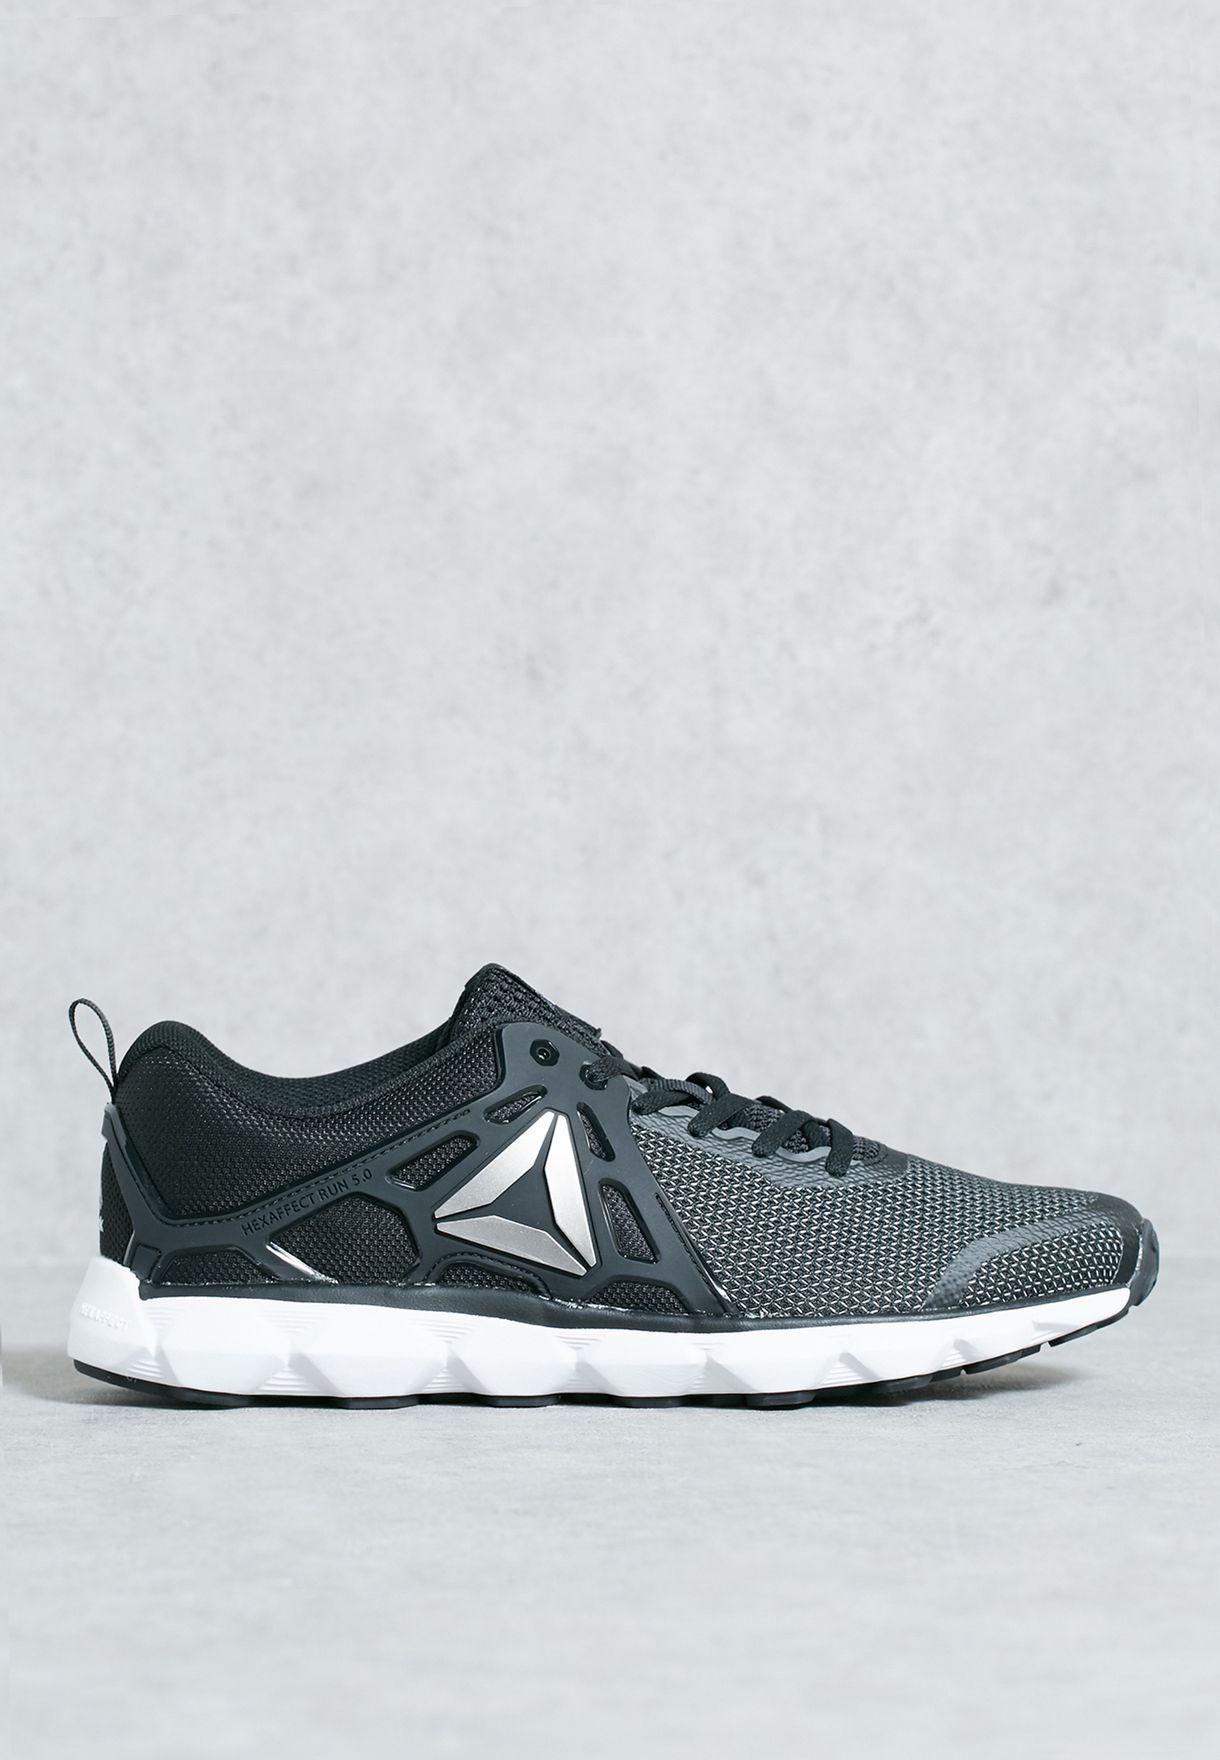 02dd21bed53 ... Running Shoes  Hexaffect Run 5.0 MTM  Reebok ...